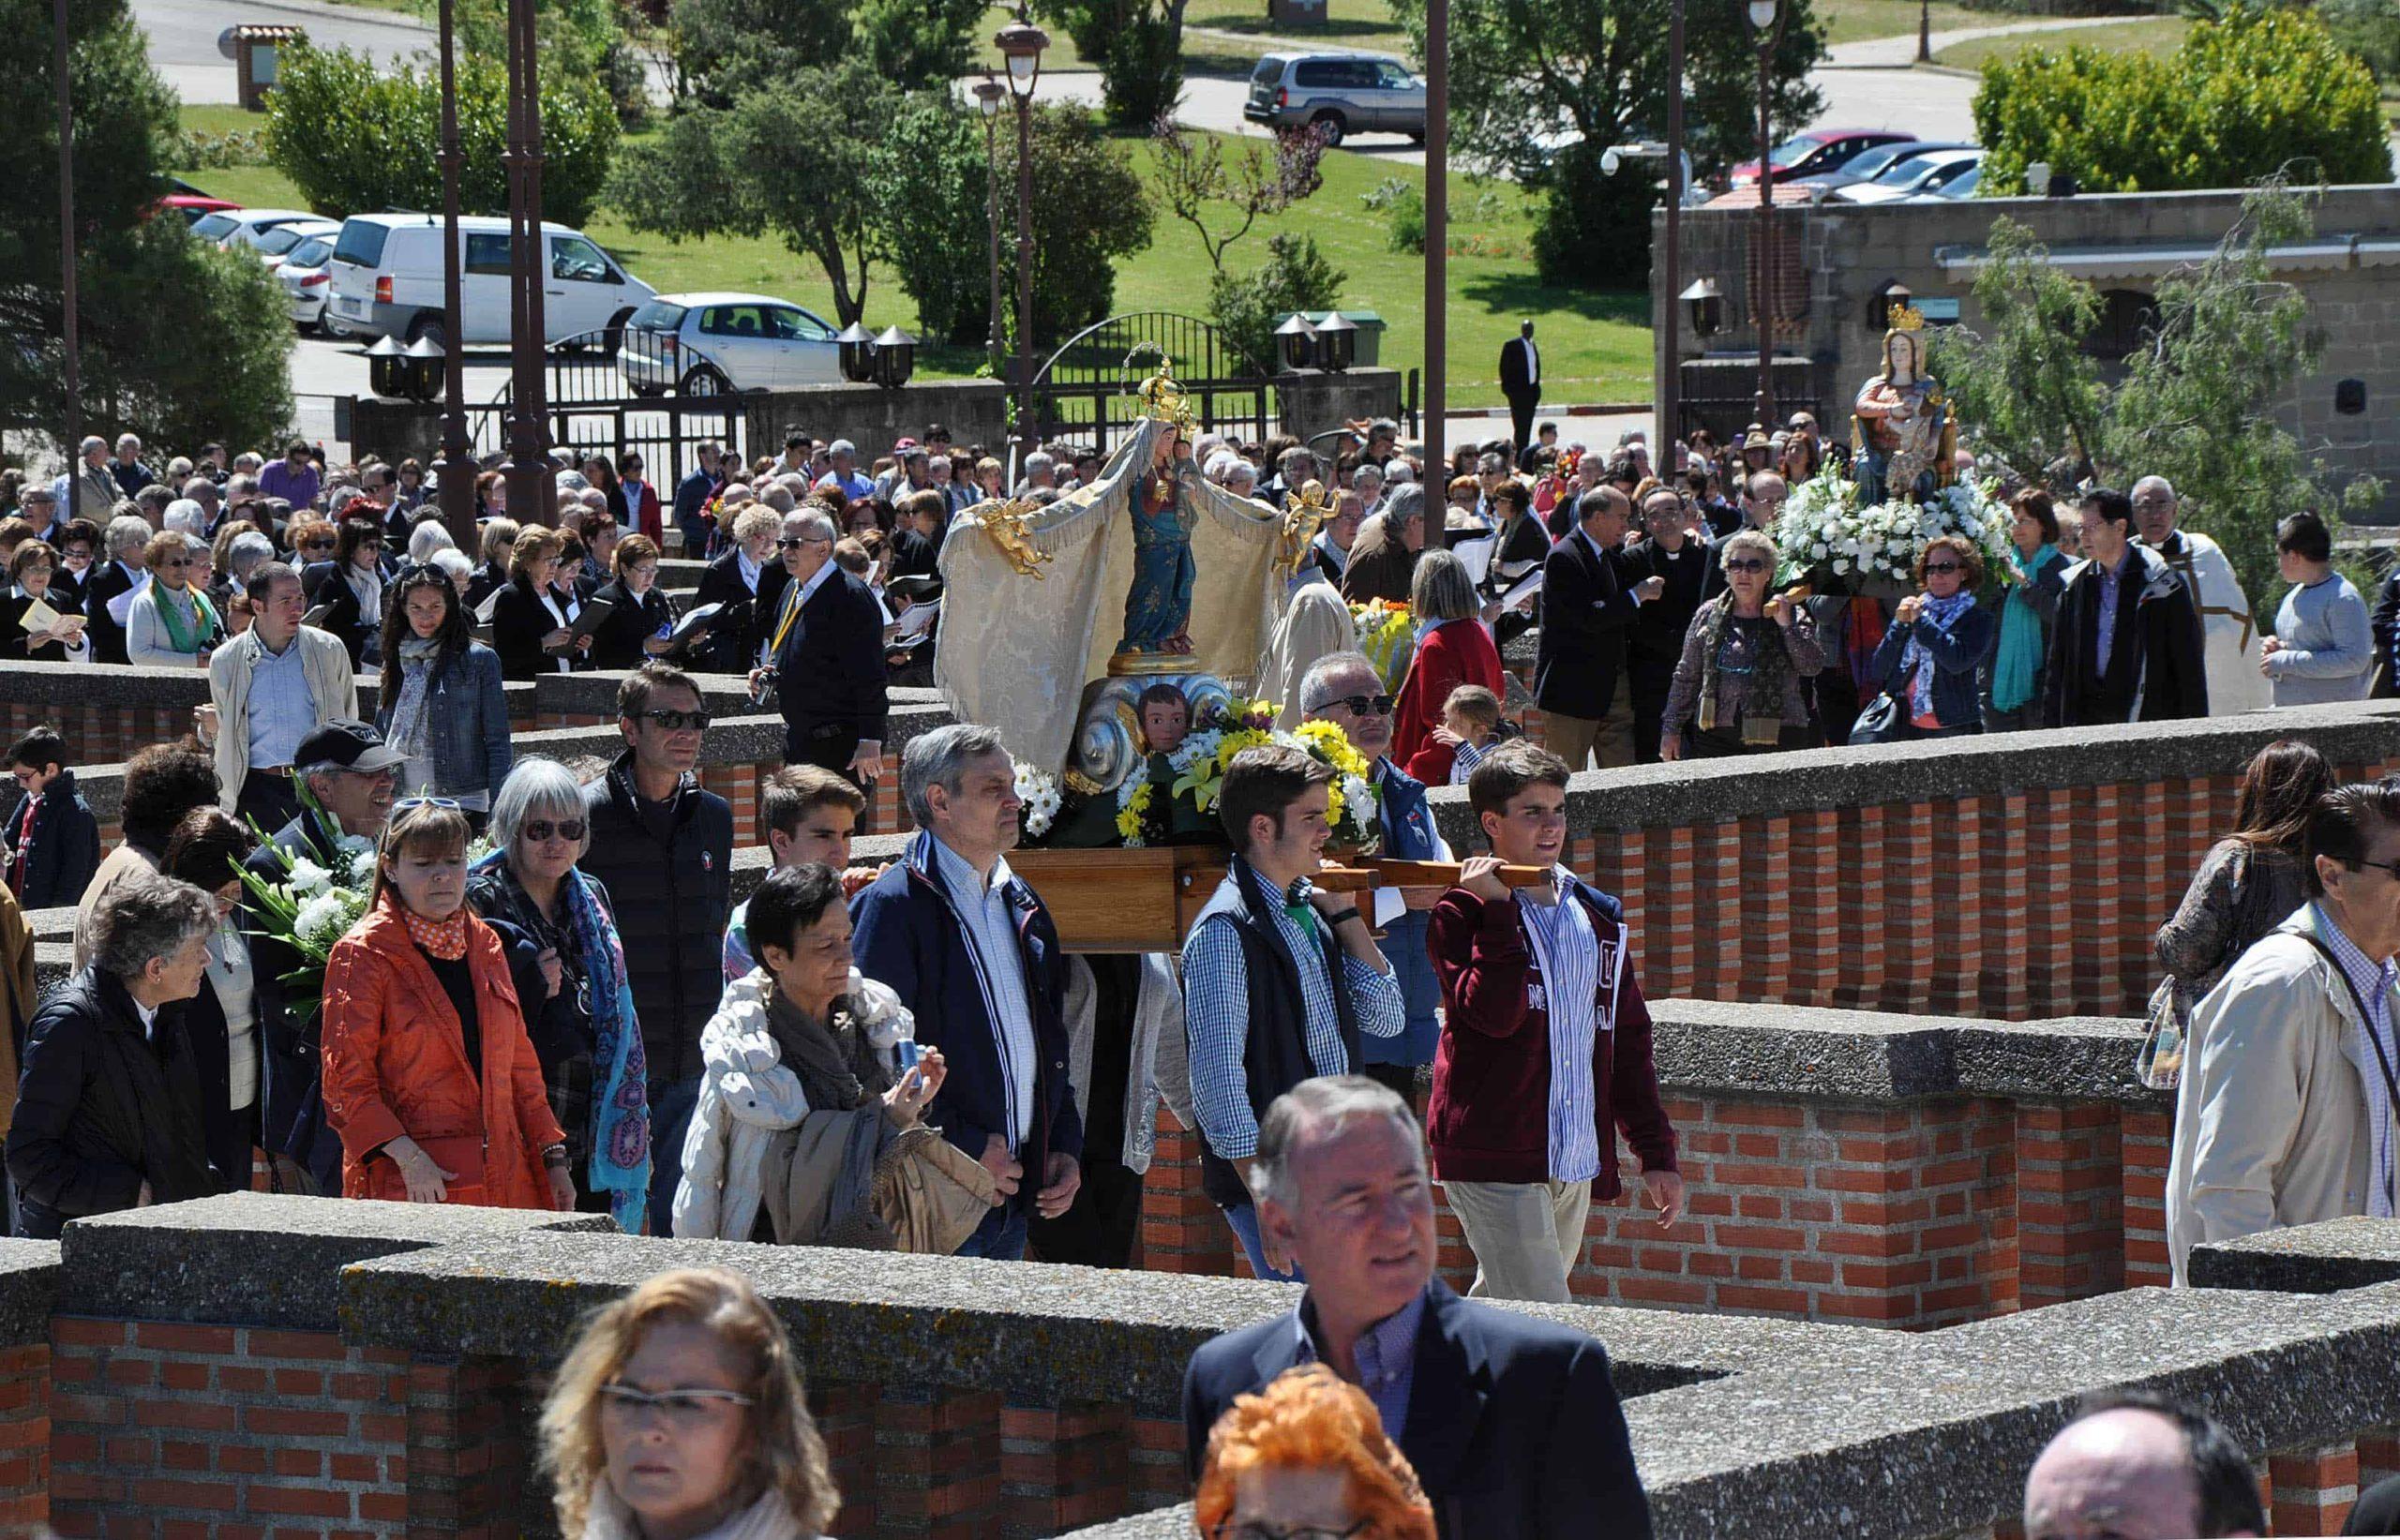 procesion_de_entrada_con_las_imagenes.jpg